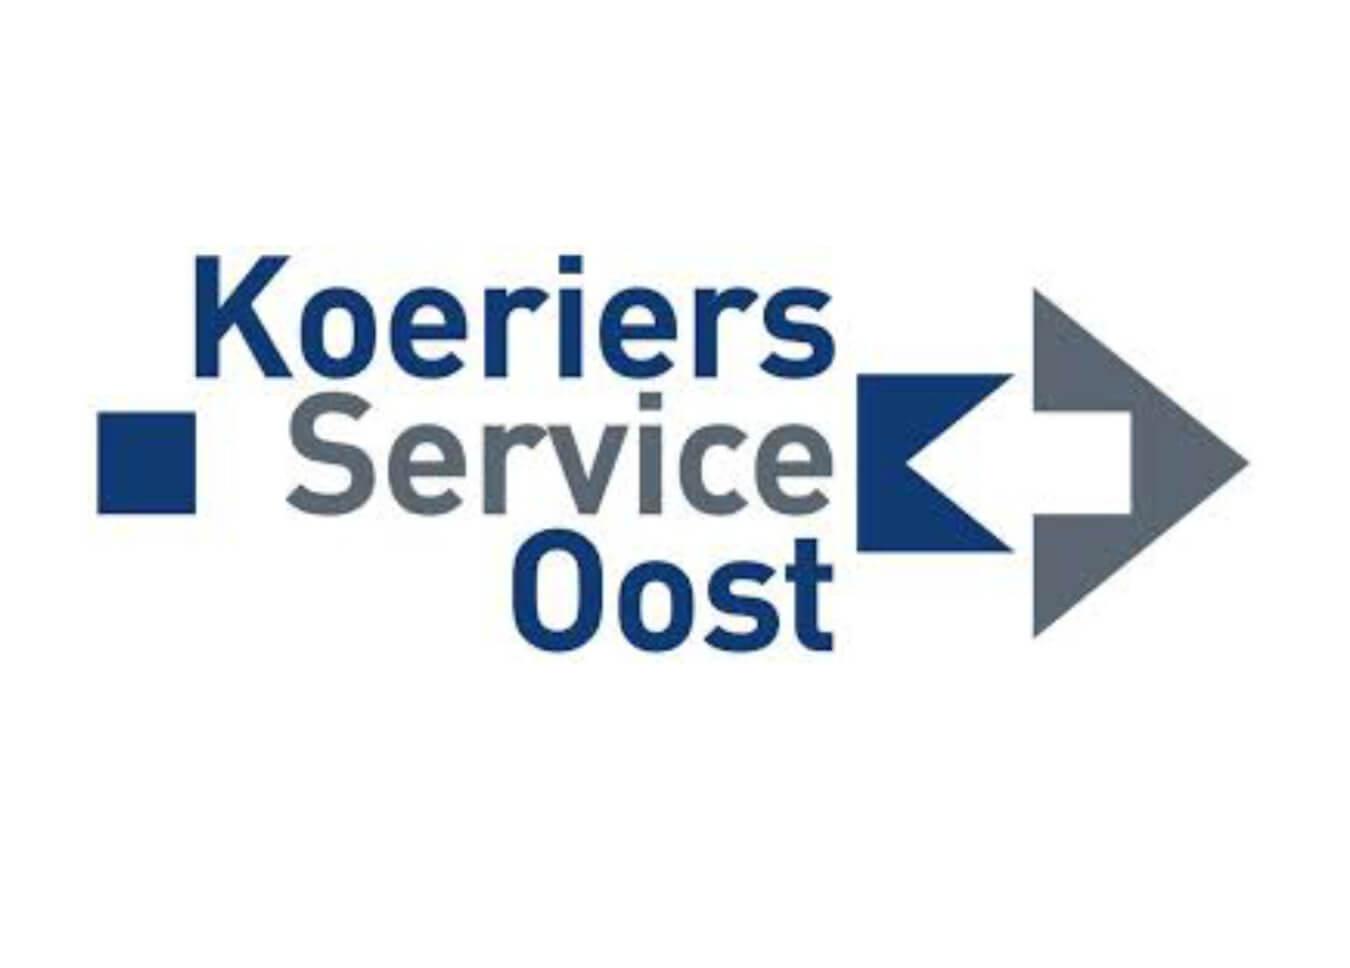 Koeriers Service Oost